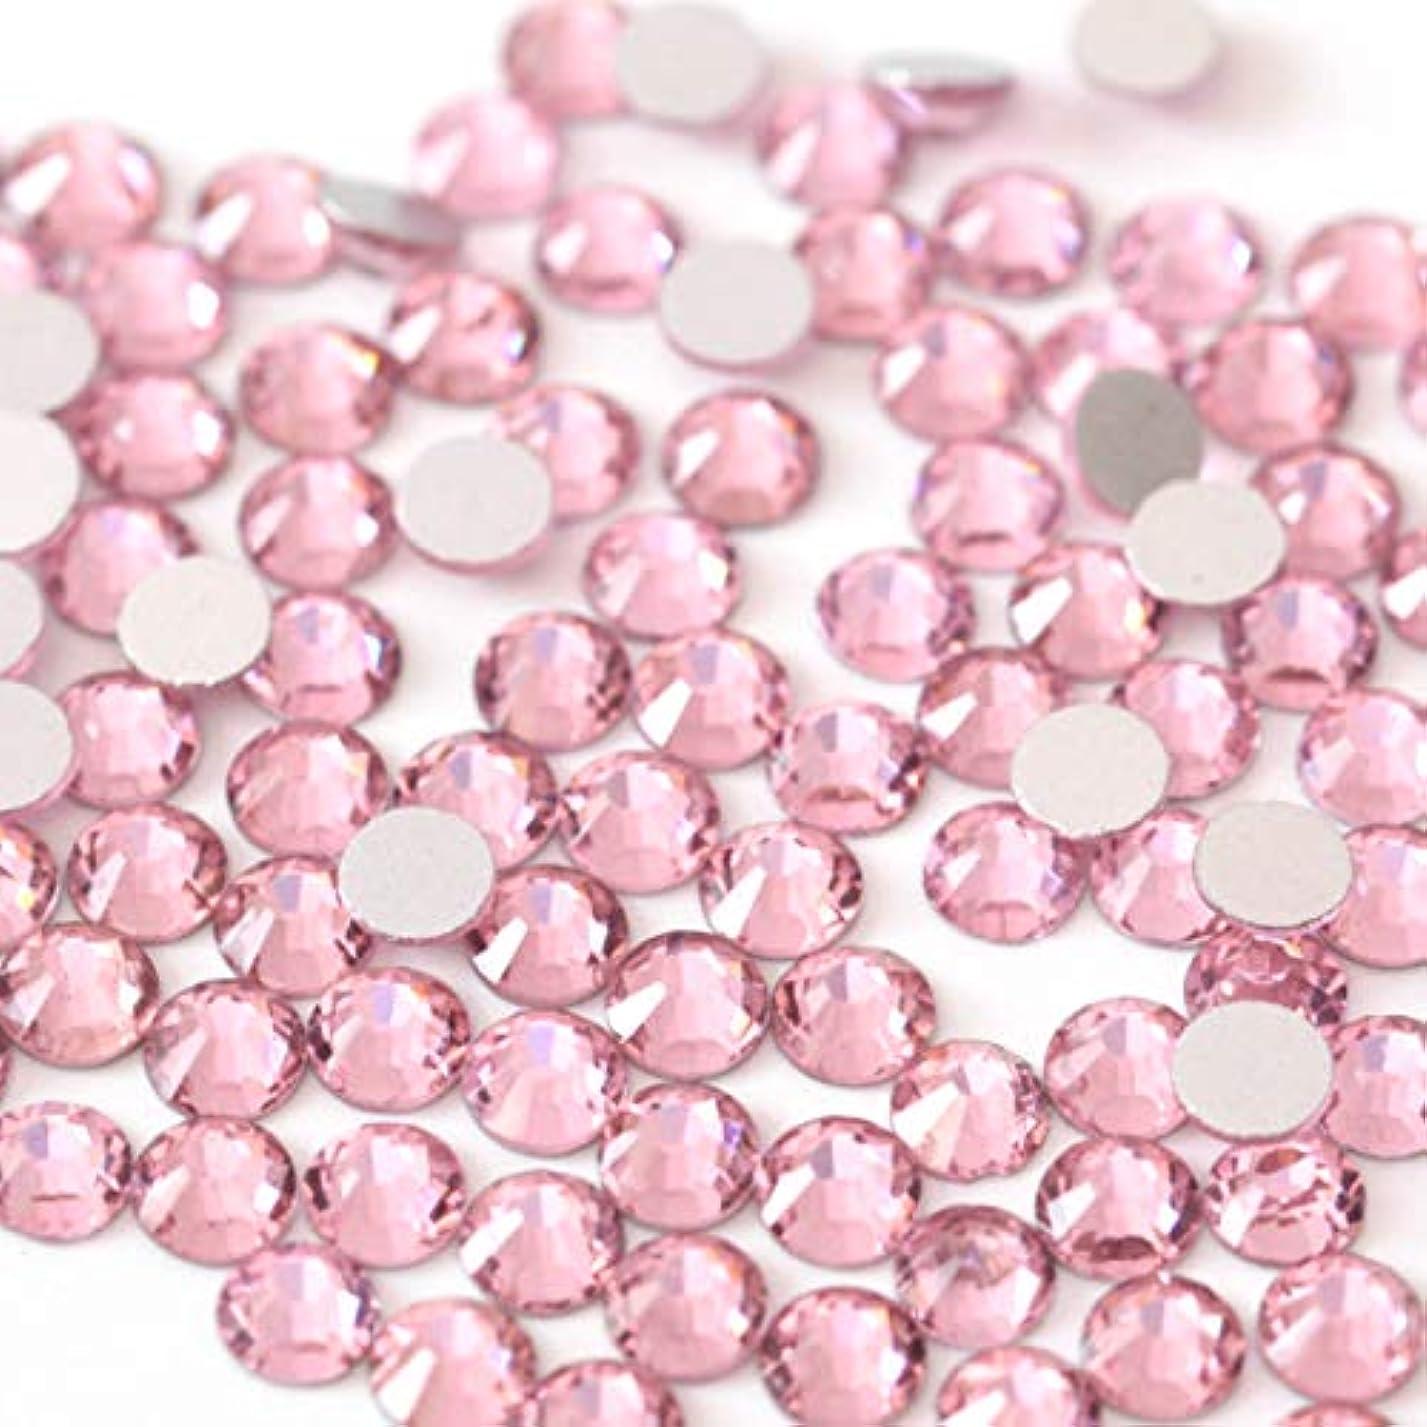 違う供給宝石【ラインストーン77】高品質ガラス製ラインストーン ライトローズ(3.0mm (SS12) 約200粒)